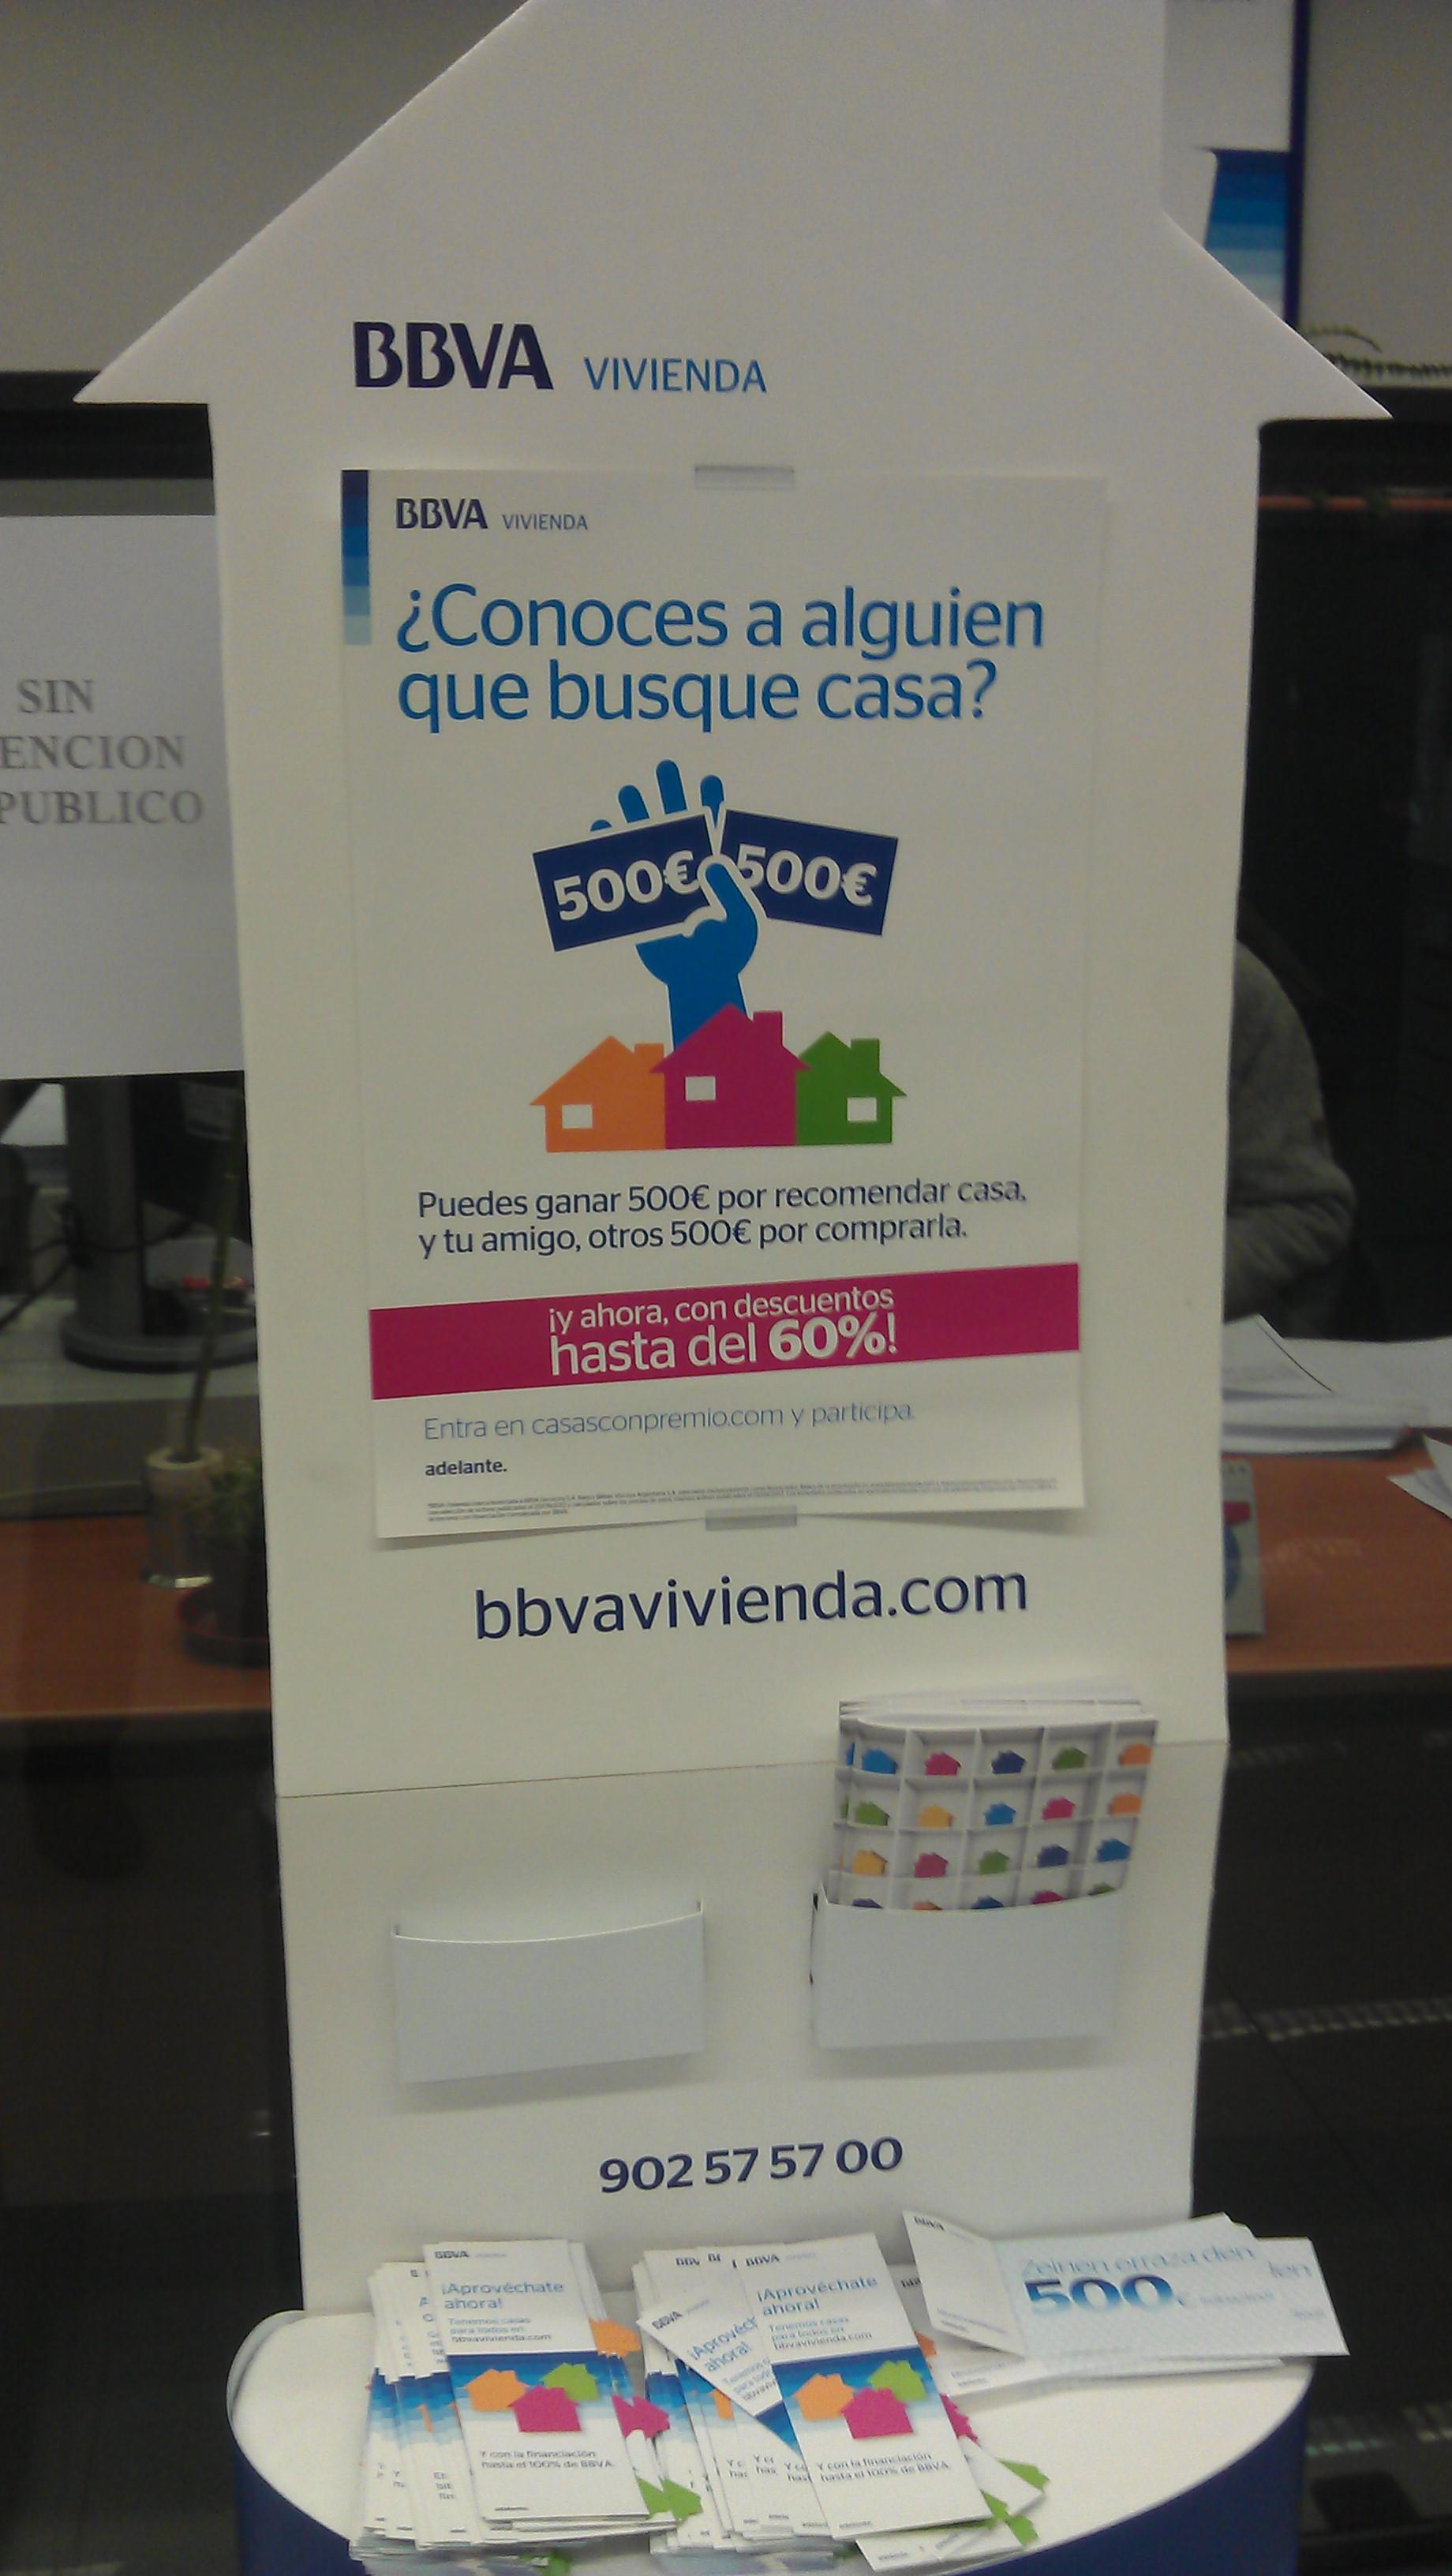 La vivienda el producto m s promocionado por los bancos for Inmobiliaria de bbva